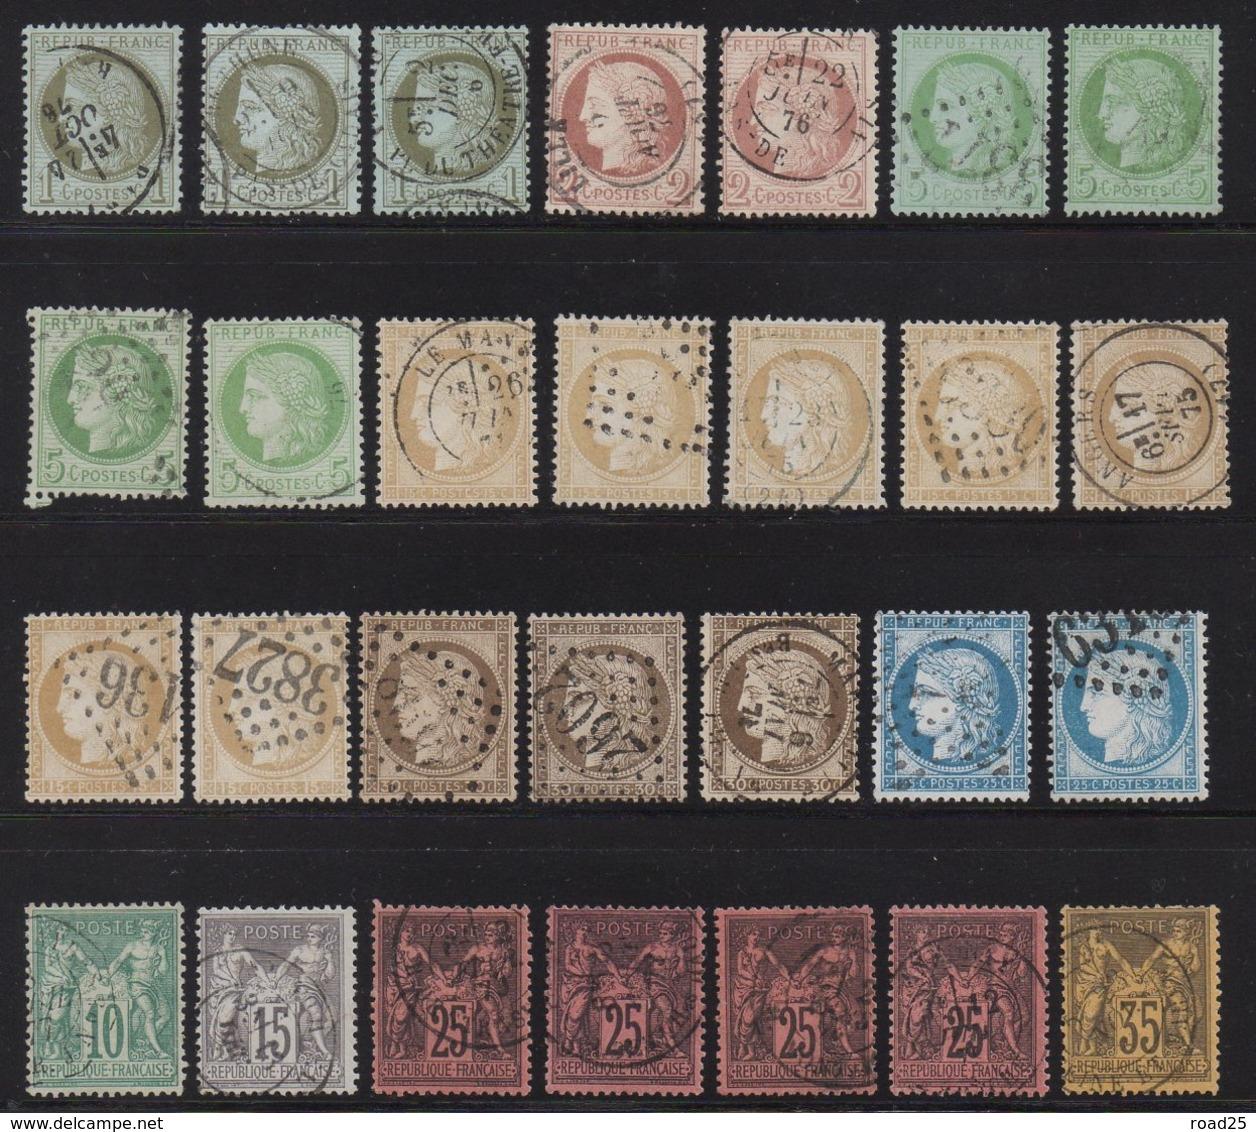 Collection De 85 Timbres Classiques Napoléon Cérès Sage , Nuances Et Variétés Diverses, 2 Certificats Numériques Calves - France